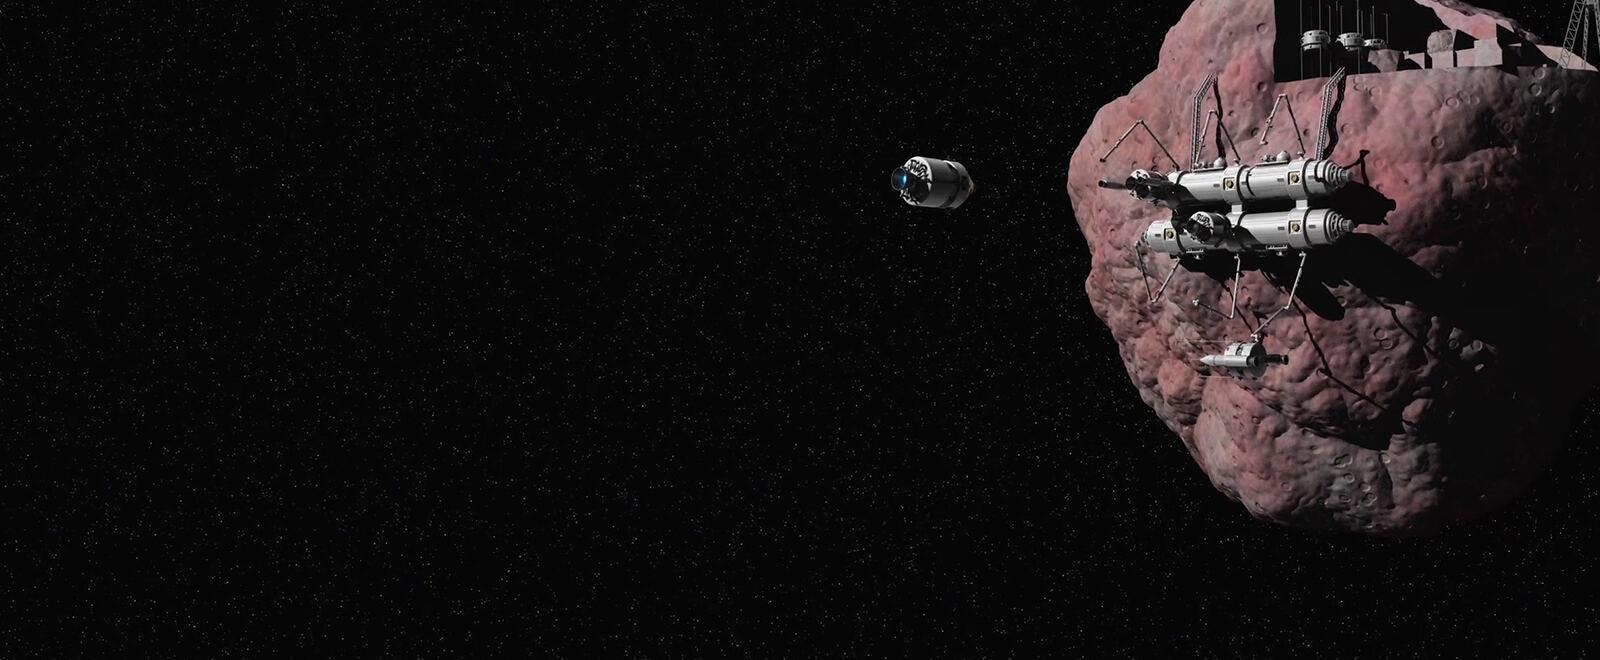 Asteroidi, nuovo orizzonte per l'umanita'